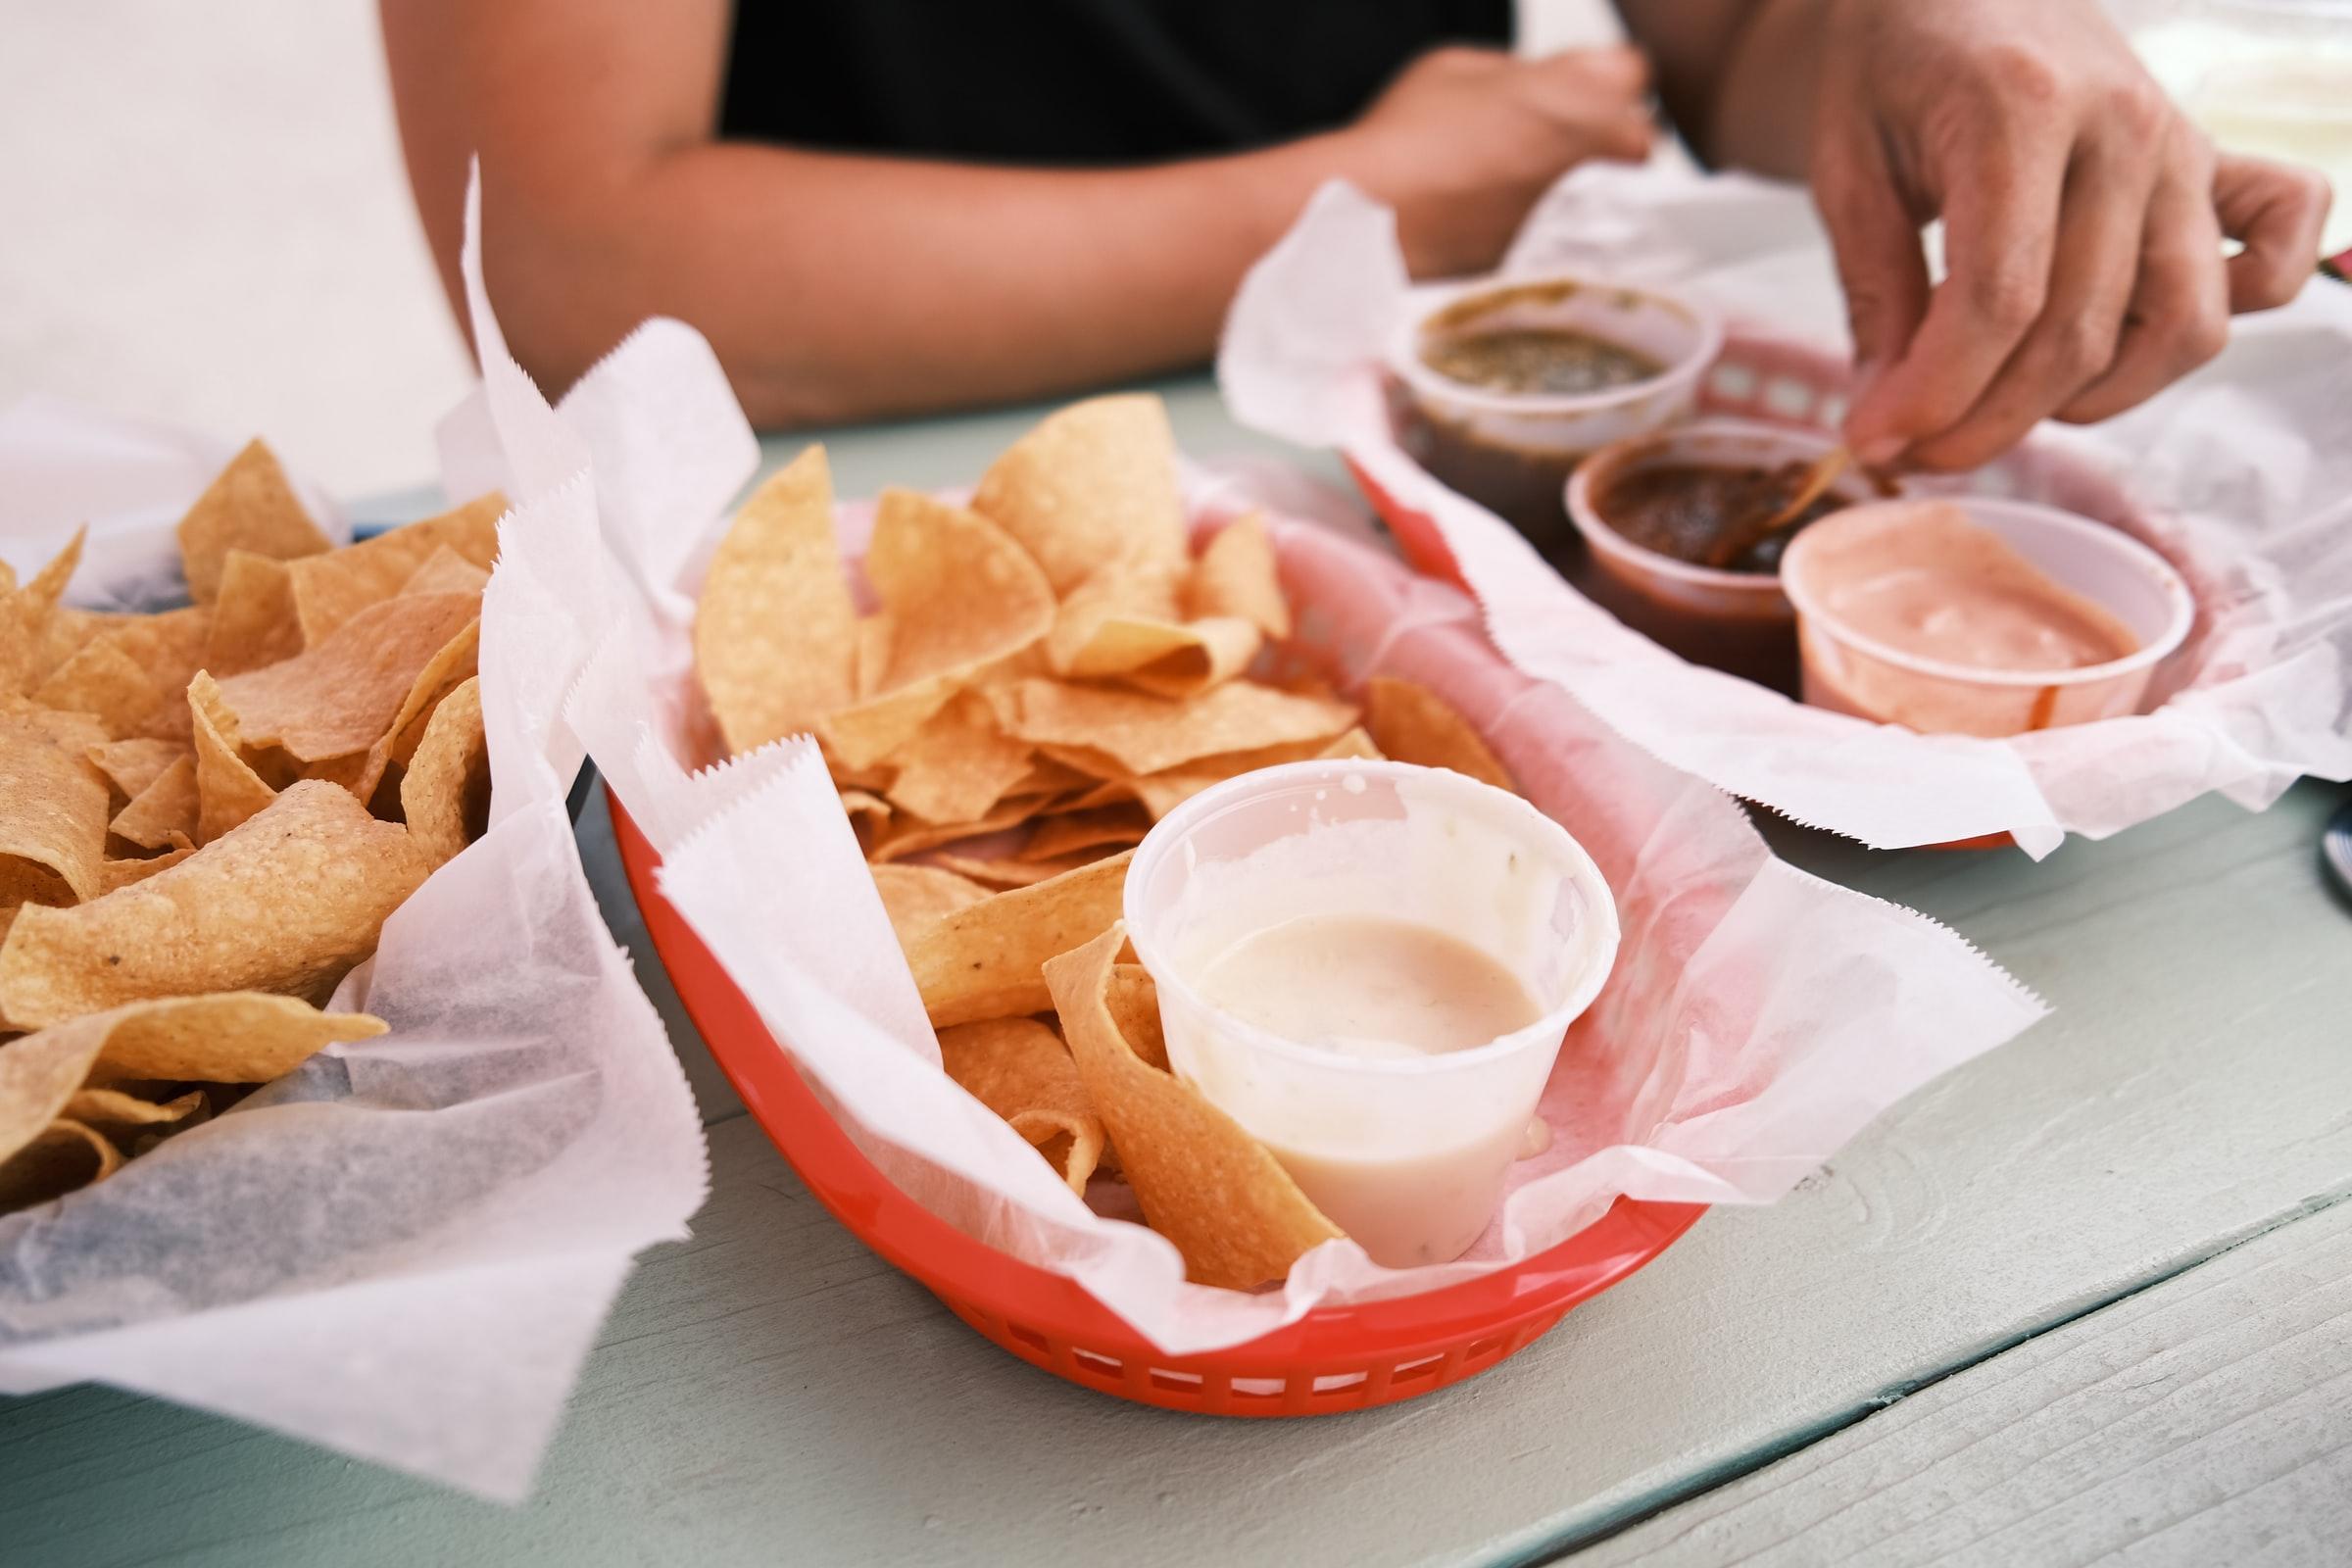 здоровая еда, нездоровое питание, вредные продукты, диета, похудение, зависимость